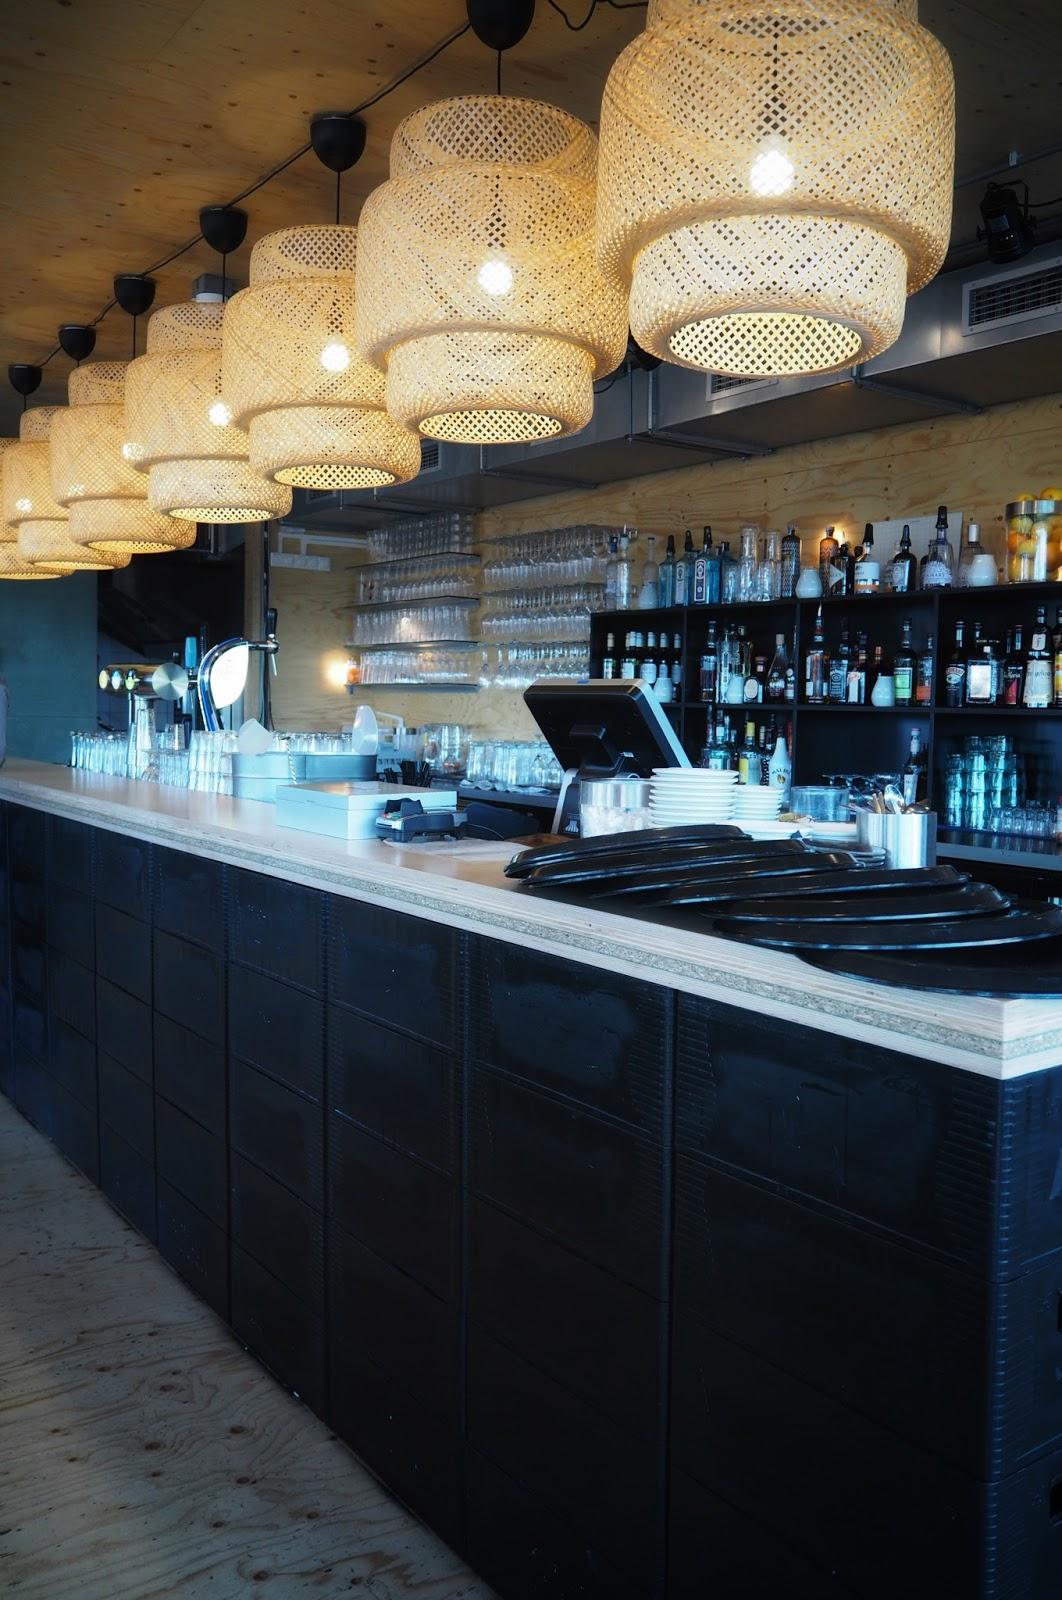 Bleyenberg Bar The Hague Netherlands